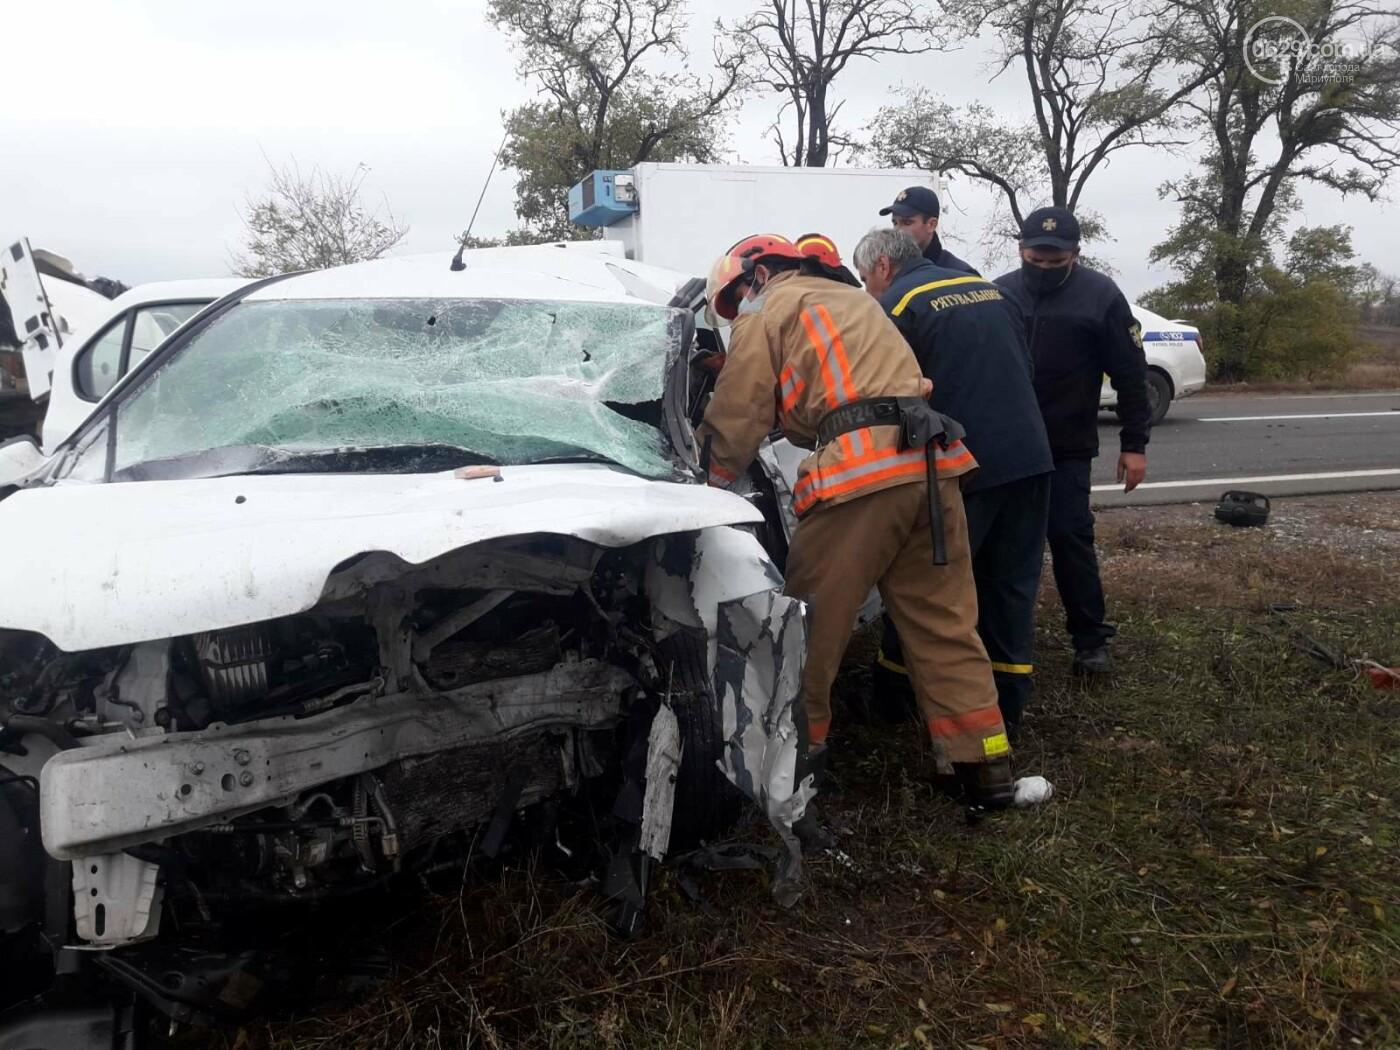 Автомобили вдребезги. В аварии на трассе под Мариуполем погибли два водителя, - ФОТО 18+, фото-10